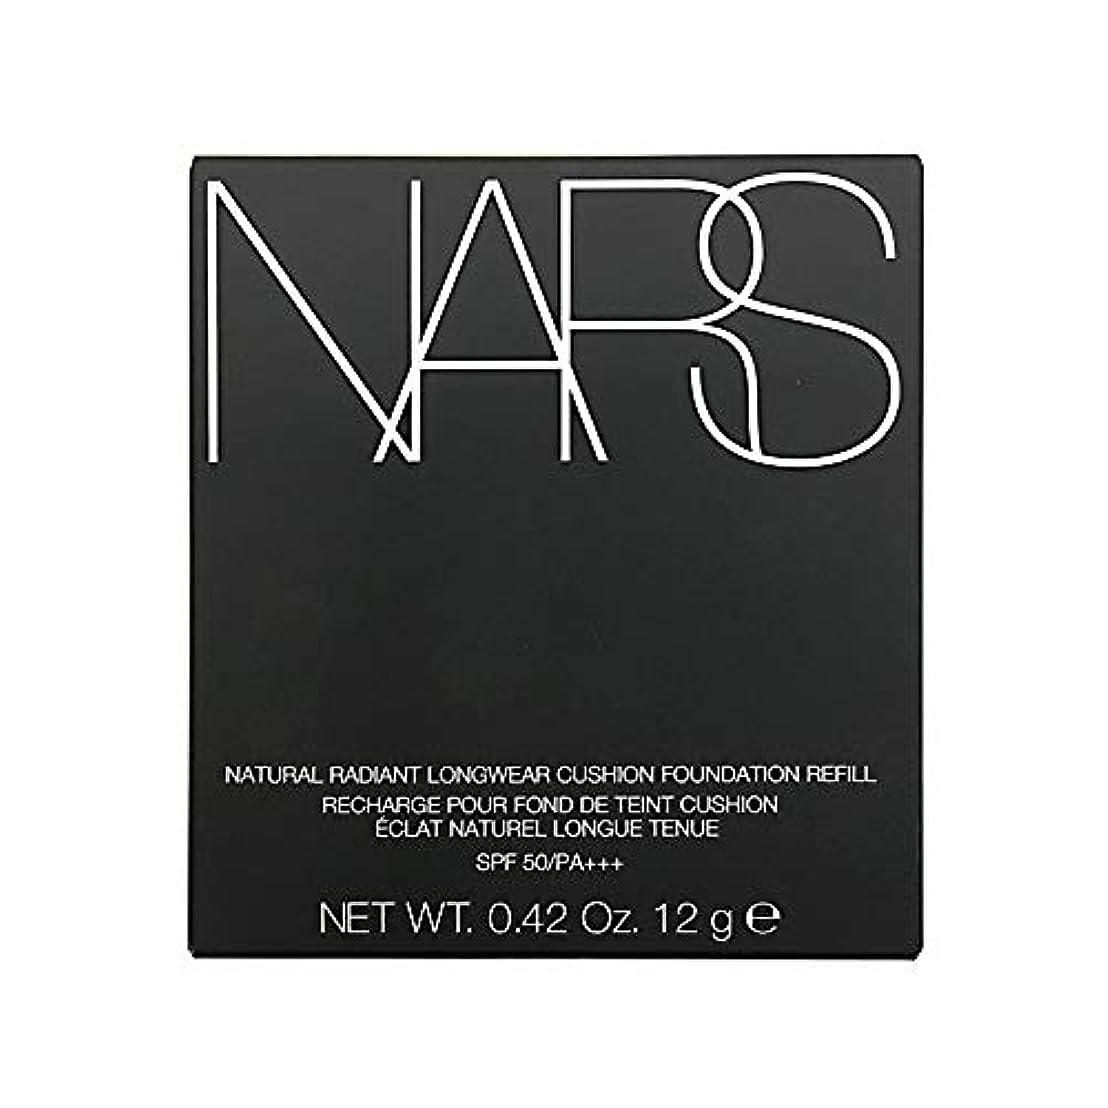 一般的に言えば寓話十年ナーズ/NARS ナチュラルラディアント ロングウェア クッションファンデーション(レフィル)#5881 [ クッションファンデ ] [並行輸入品]